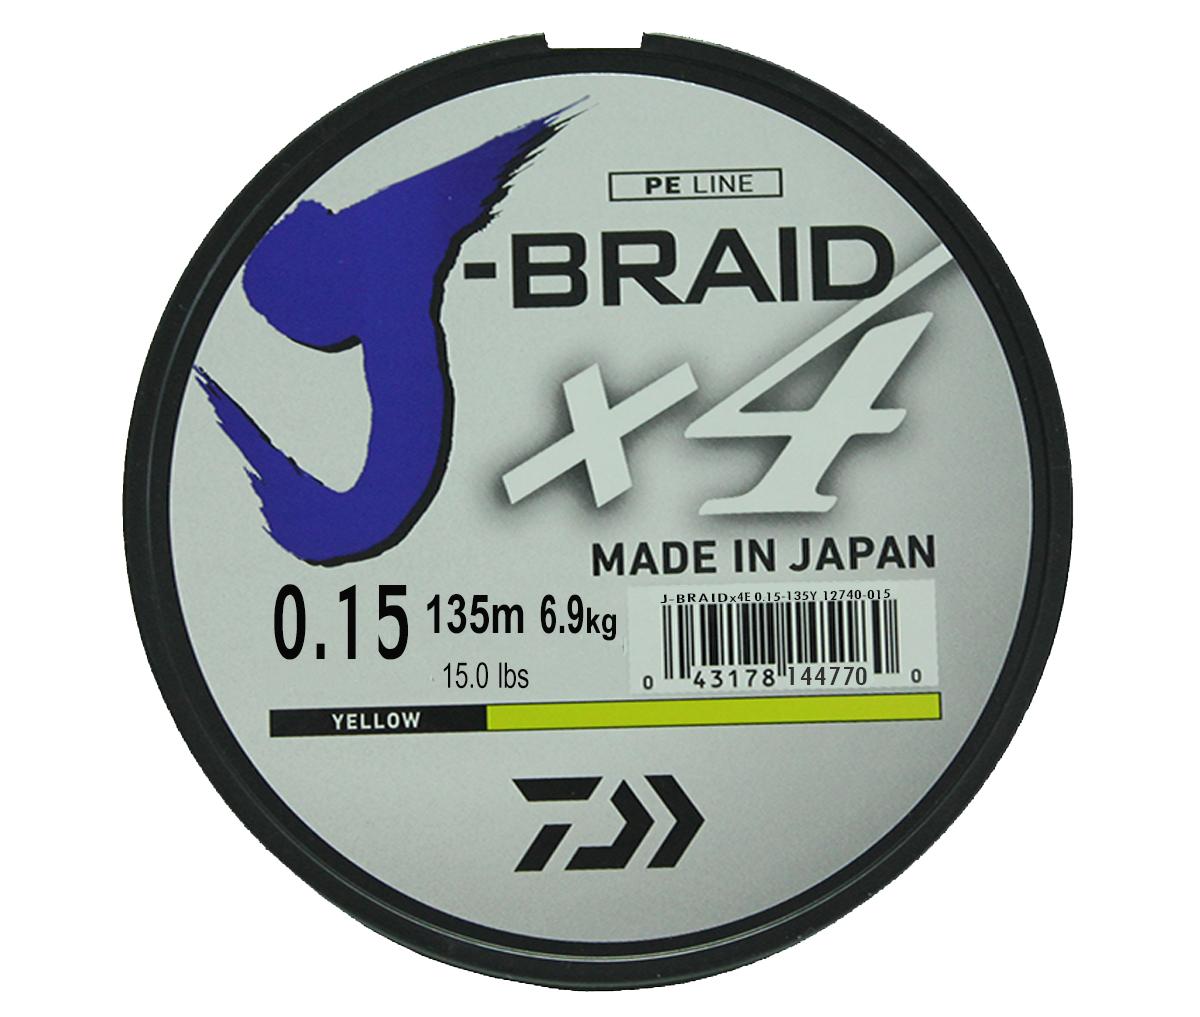 Леска плетеная Daiwa J-Braid X4, цвет: флуоресцентный желтый, 135 м, 0,15 мм леска плетеная daiwa regal sensor цвет желтый 0 42 мм 150 м